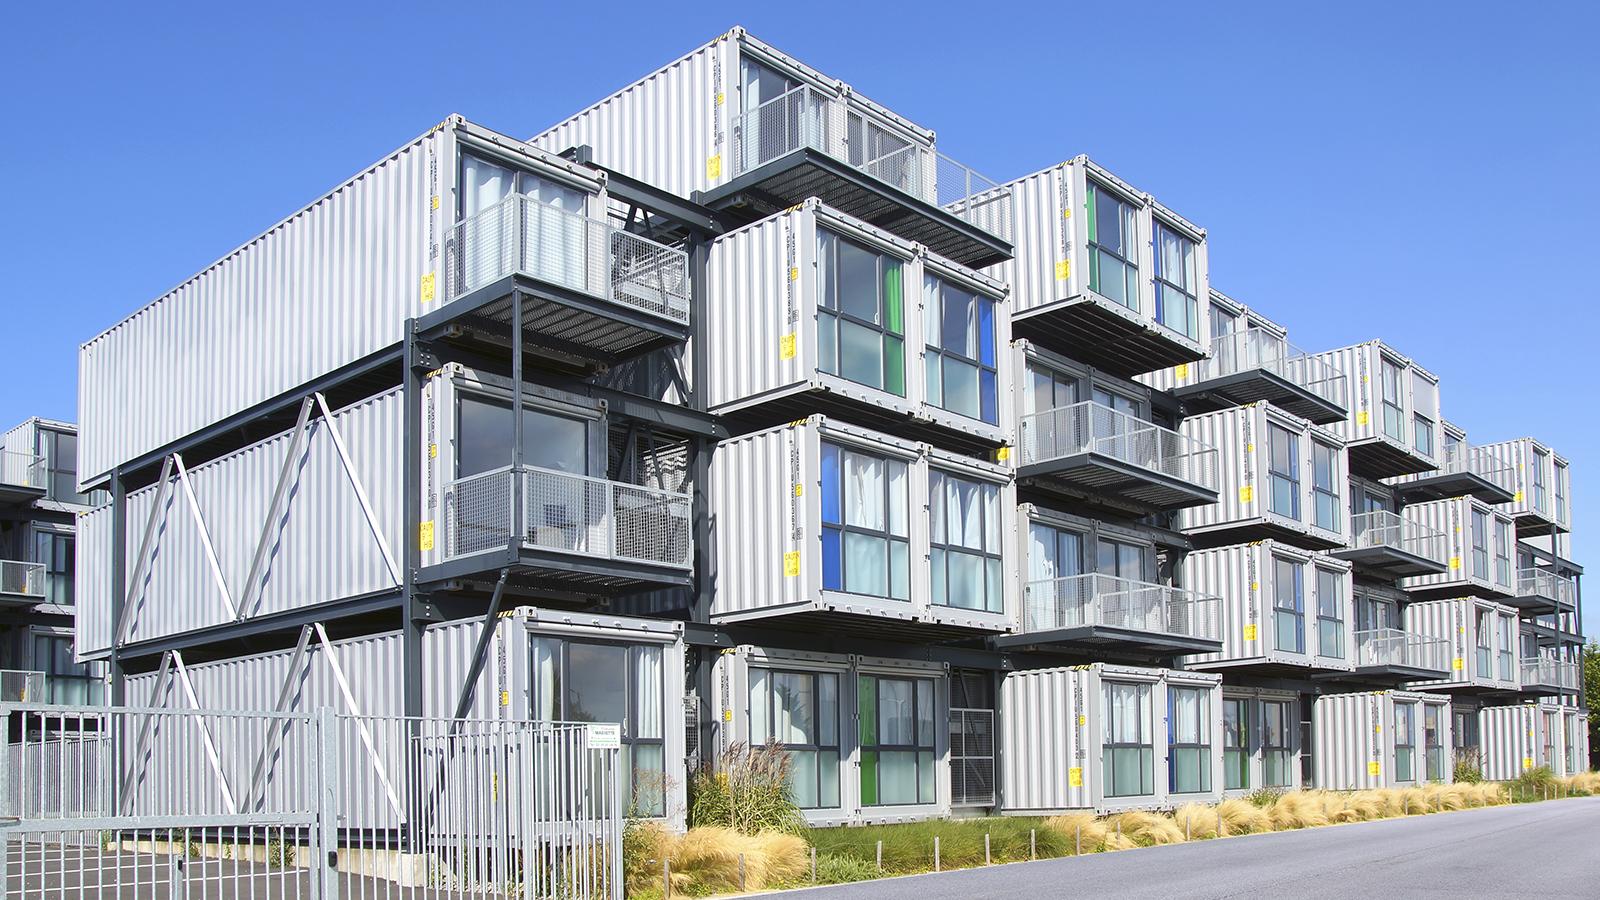 Arquitectura con contenedores: ¿Técnica de construcción o reciclaje?